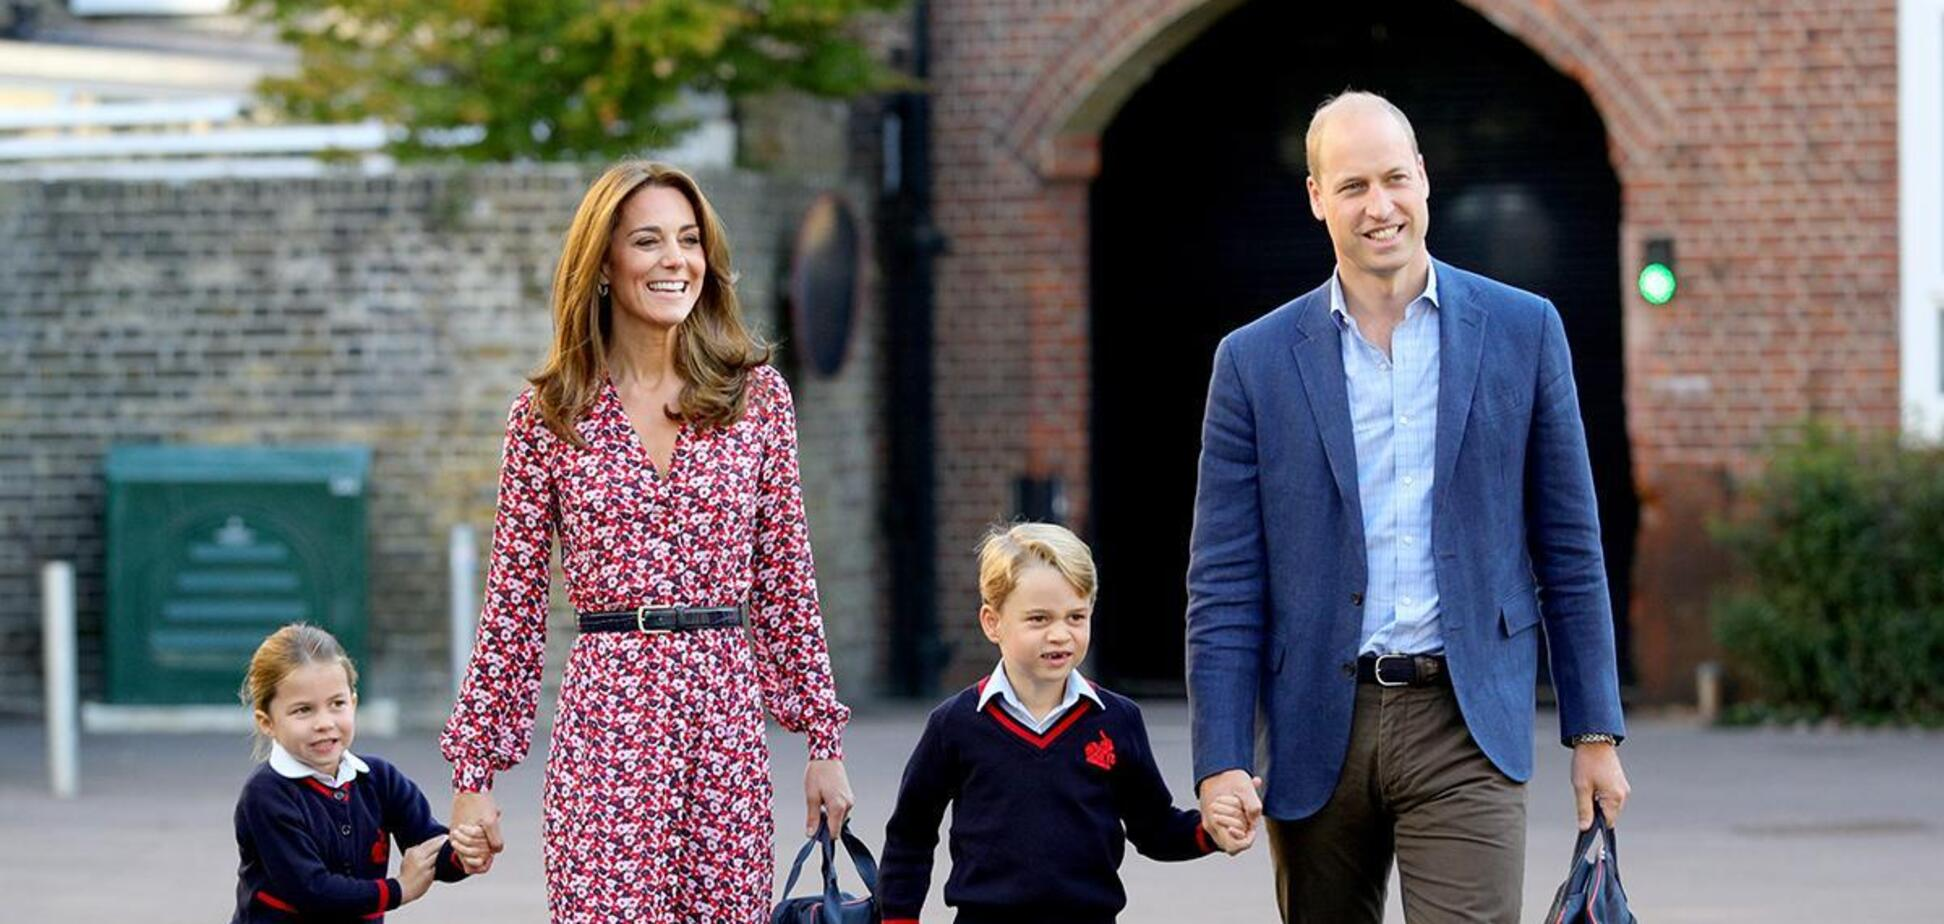 Принц Уильям и Кейт Миддлтон с детьми Джорджем и Шарлоттой